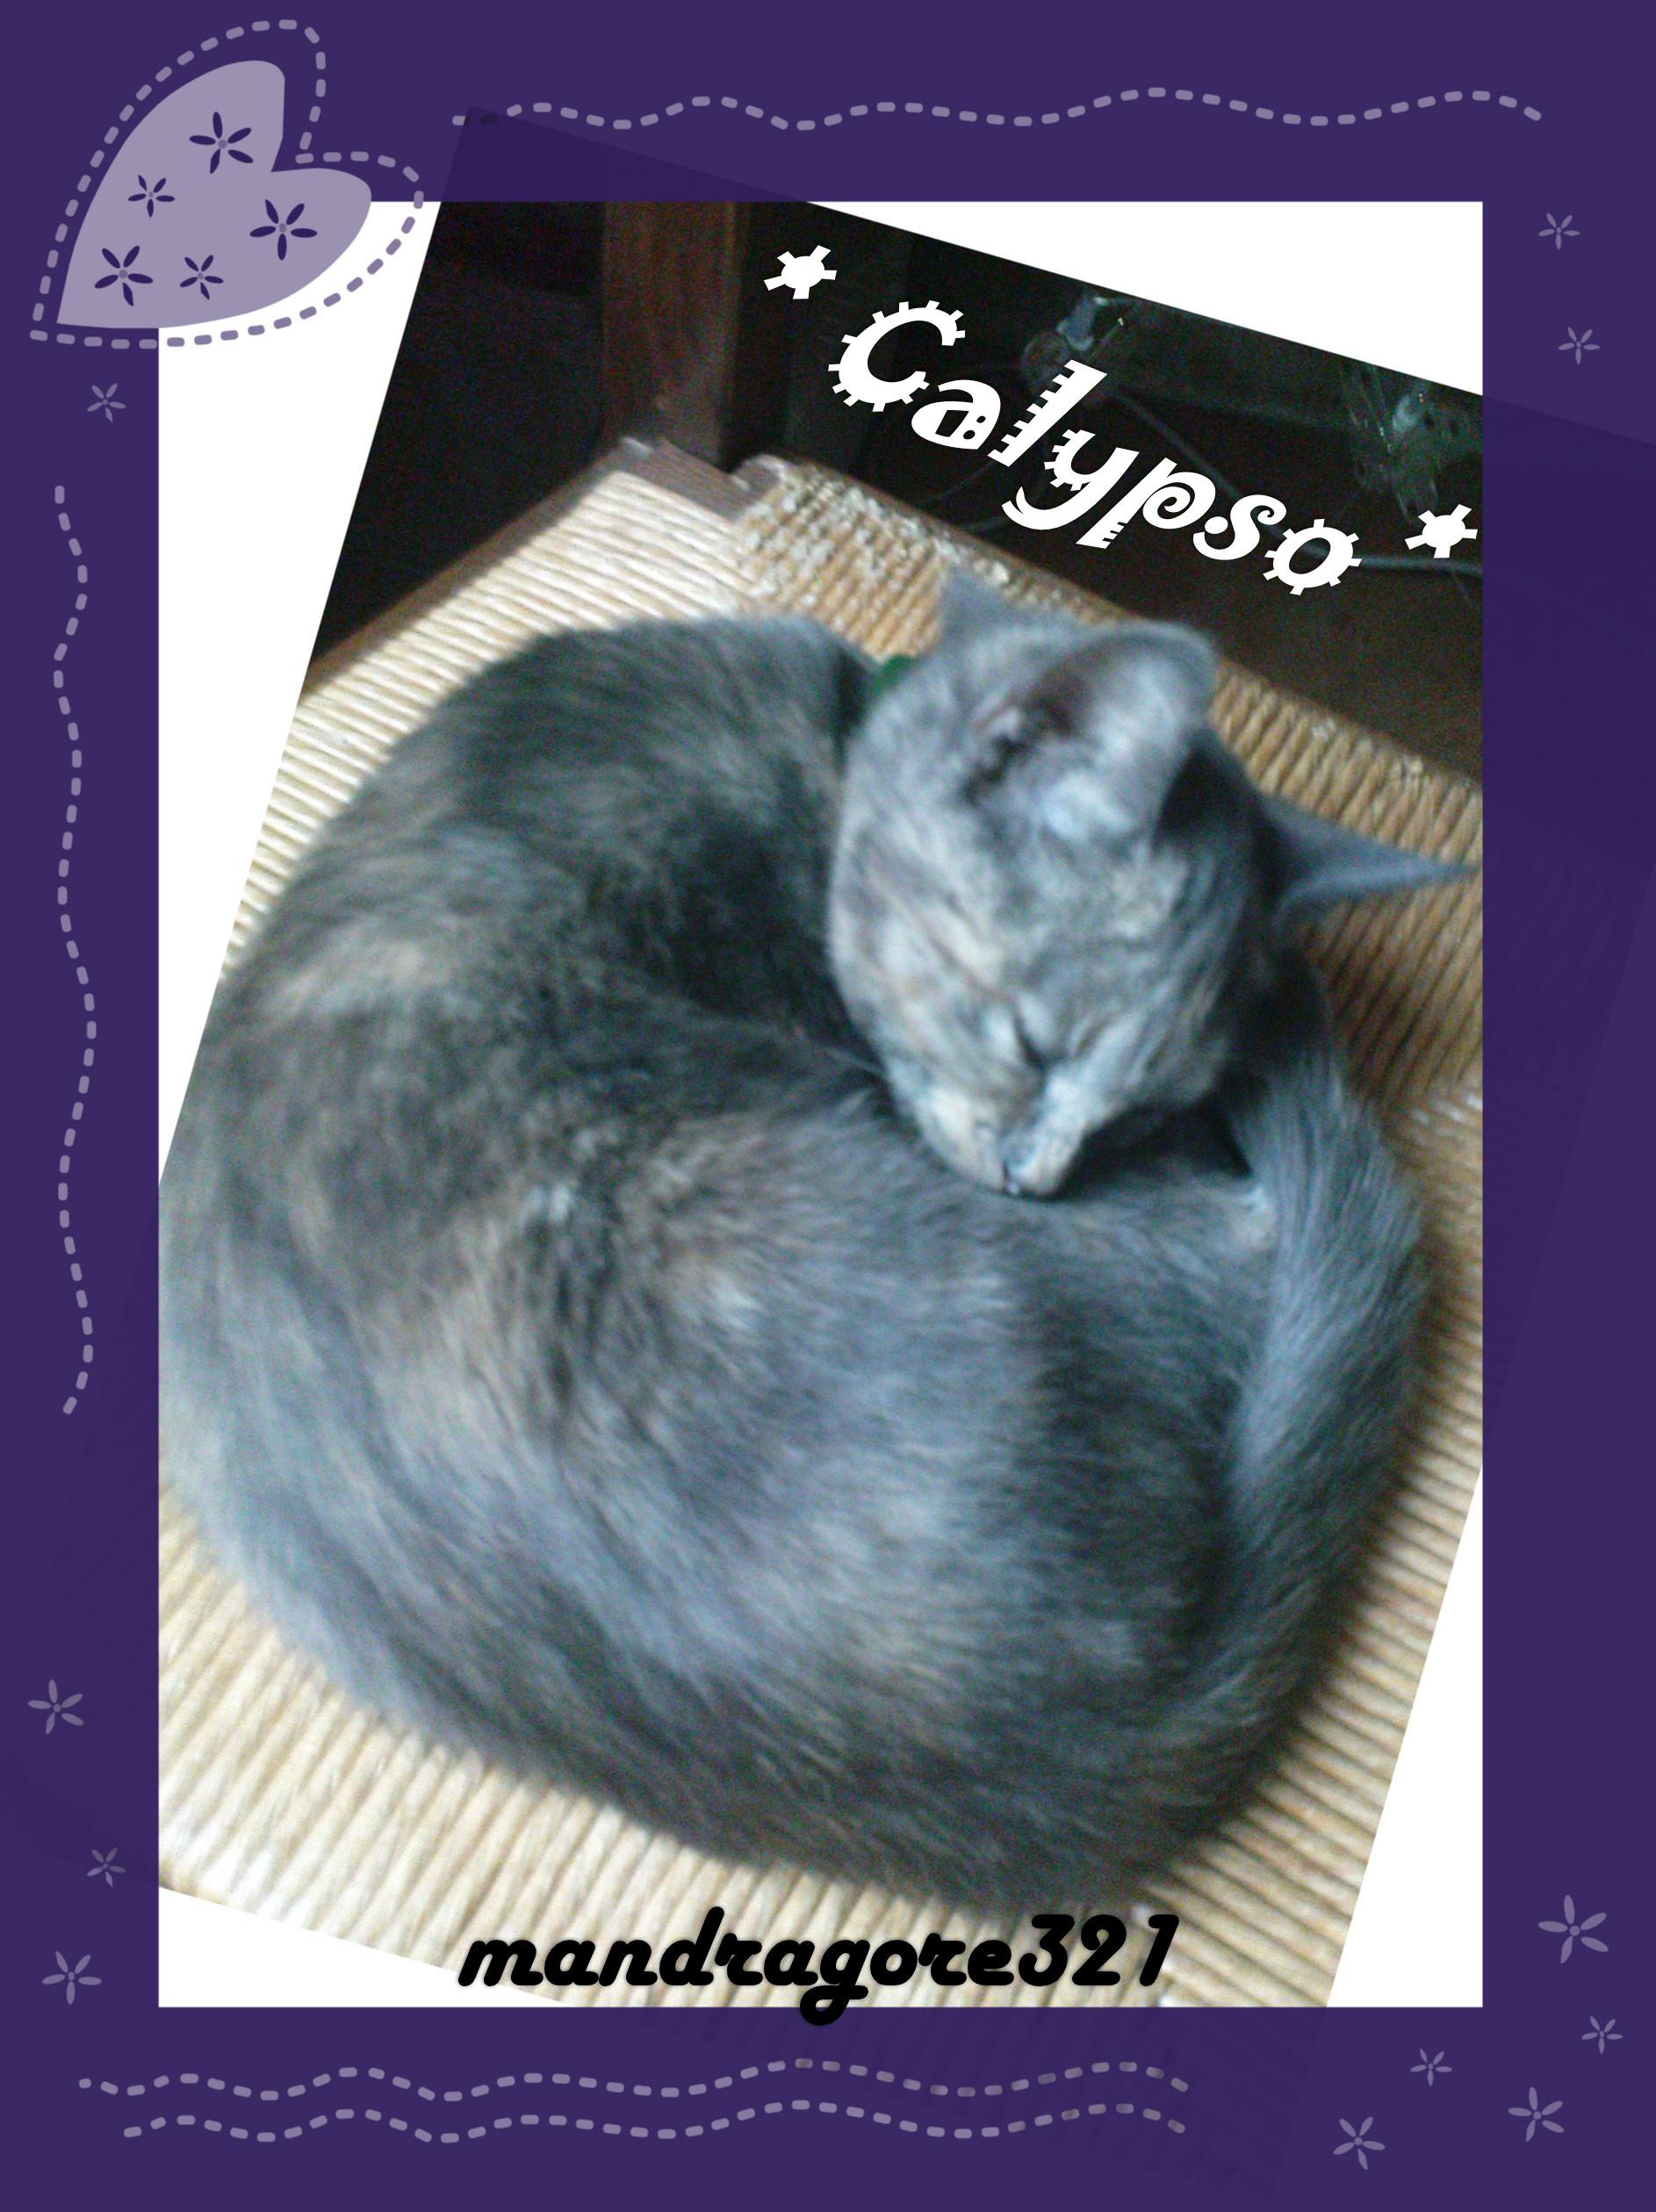 Calypso.2010.2012